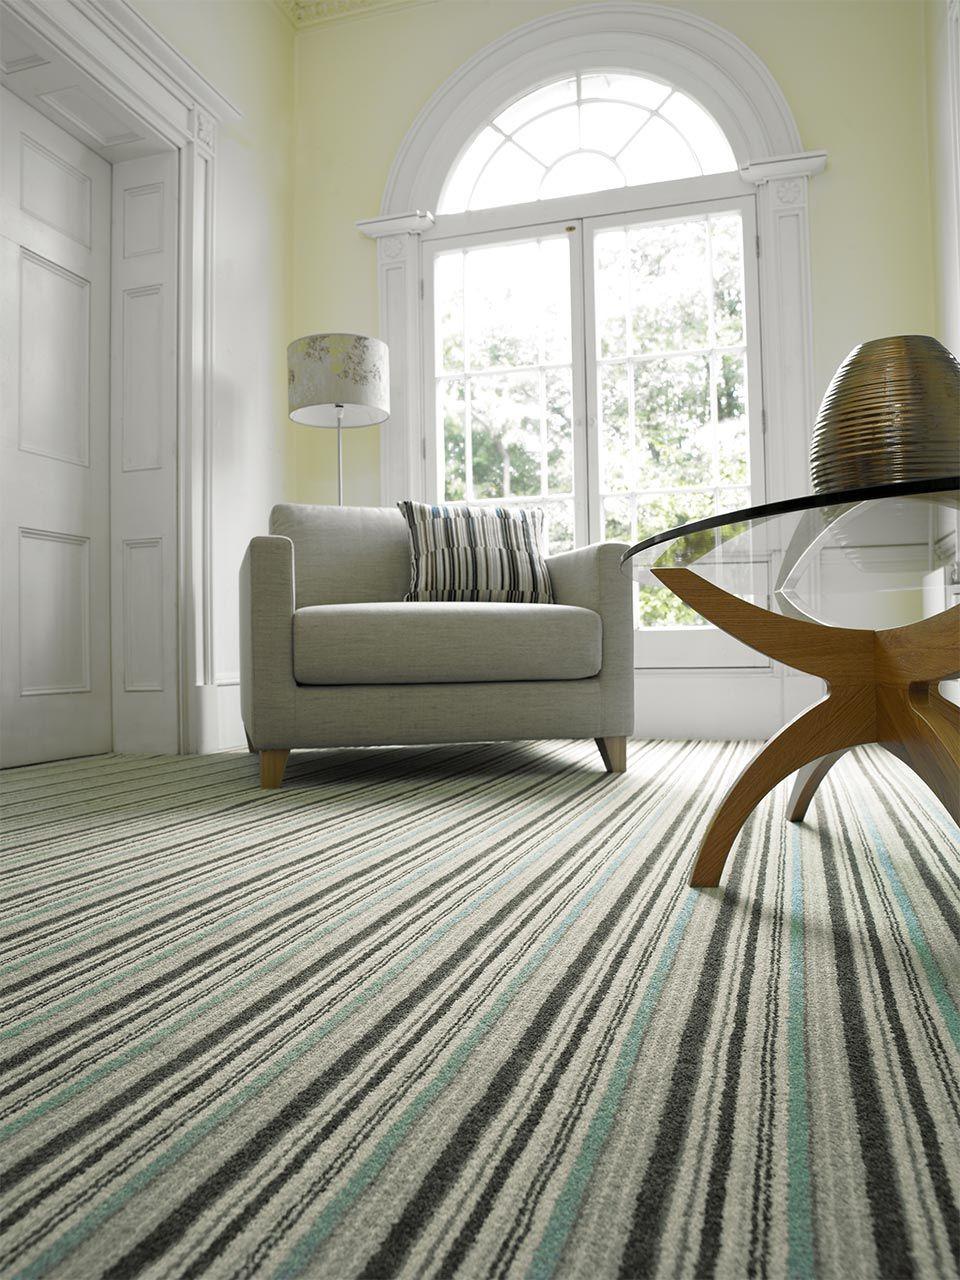 Best Brockway Carpets And Flooring Stockists Ipswich Textured 400 x 300